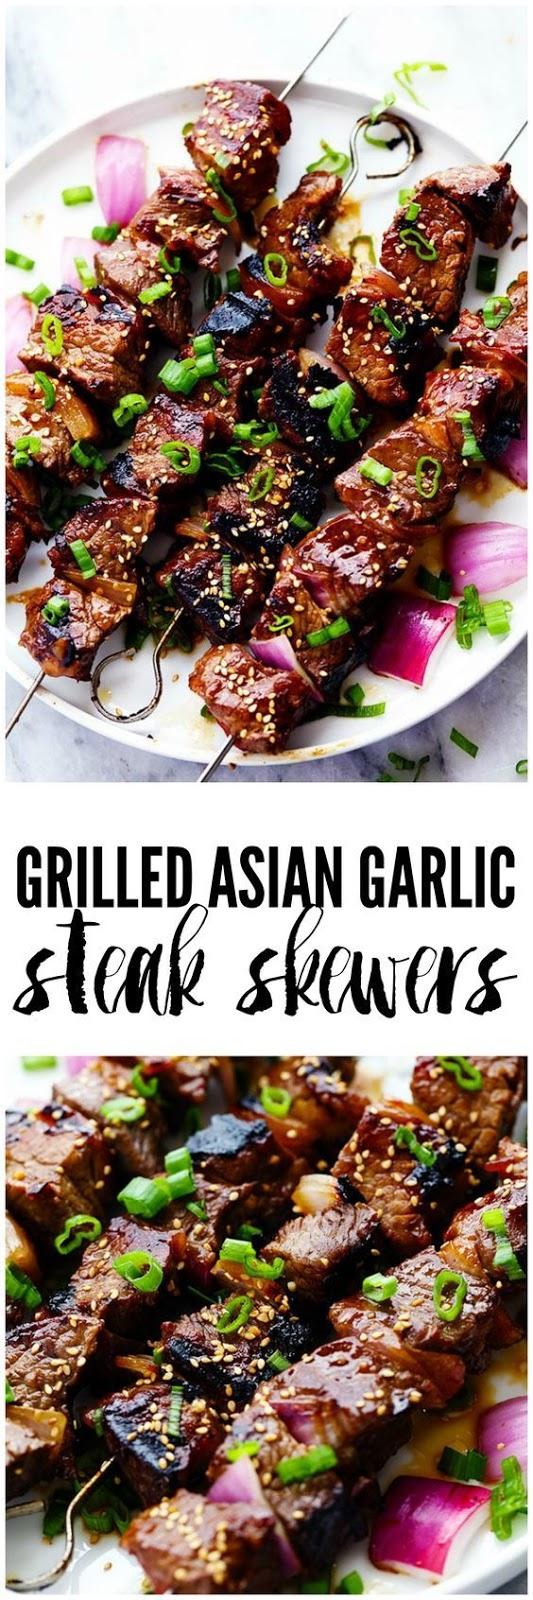 GRILLED ASIAN GARLIC STEAK SKEWERS